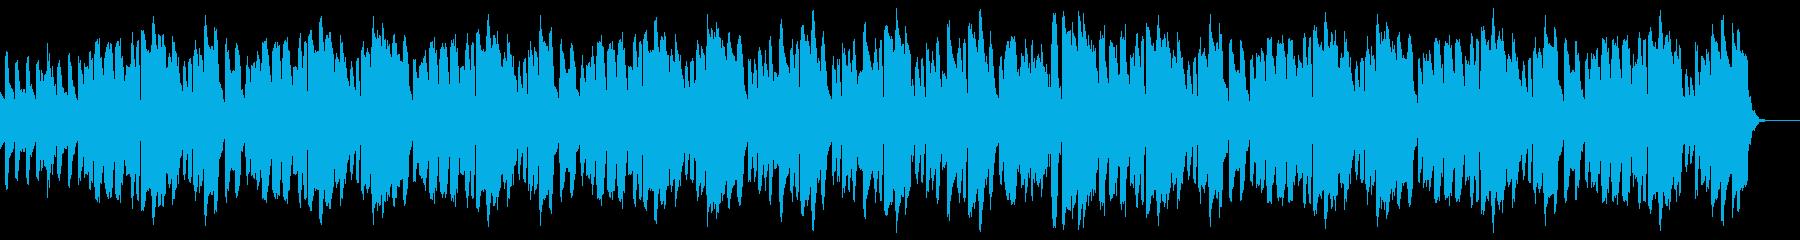 ほのぼのとした明るい雰囲気の楽曲の再生済みの波形